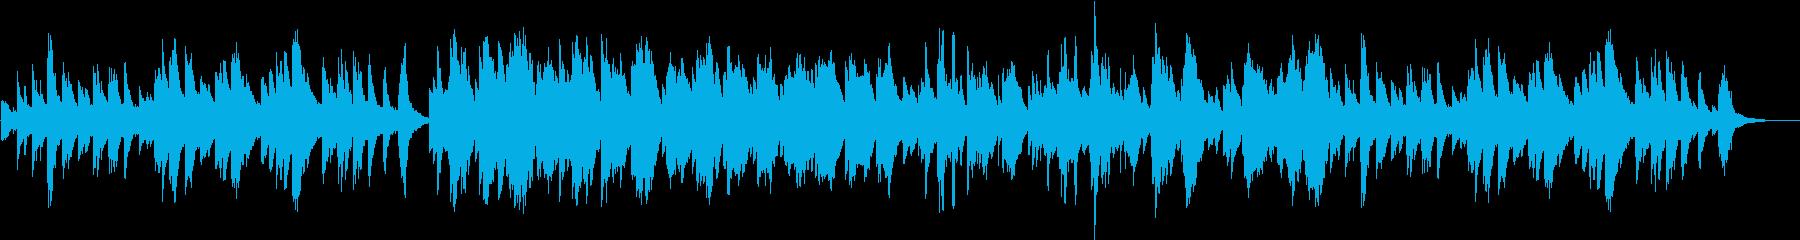 美しい・センチメンタル・オルゴールの再生済みの波形